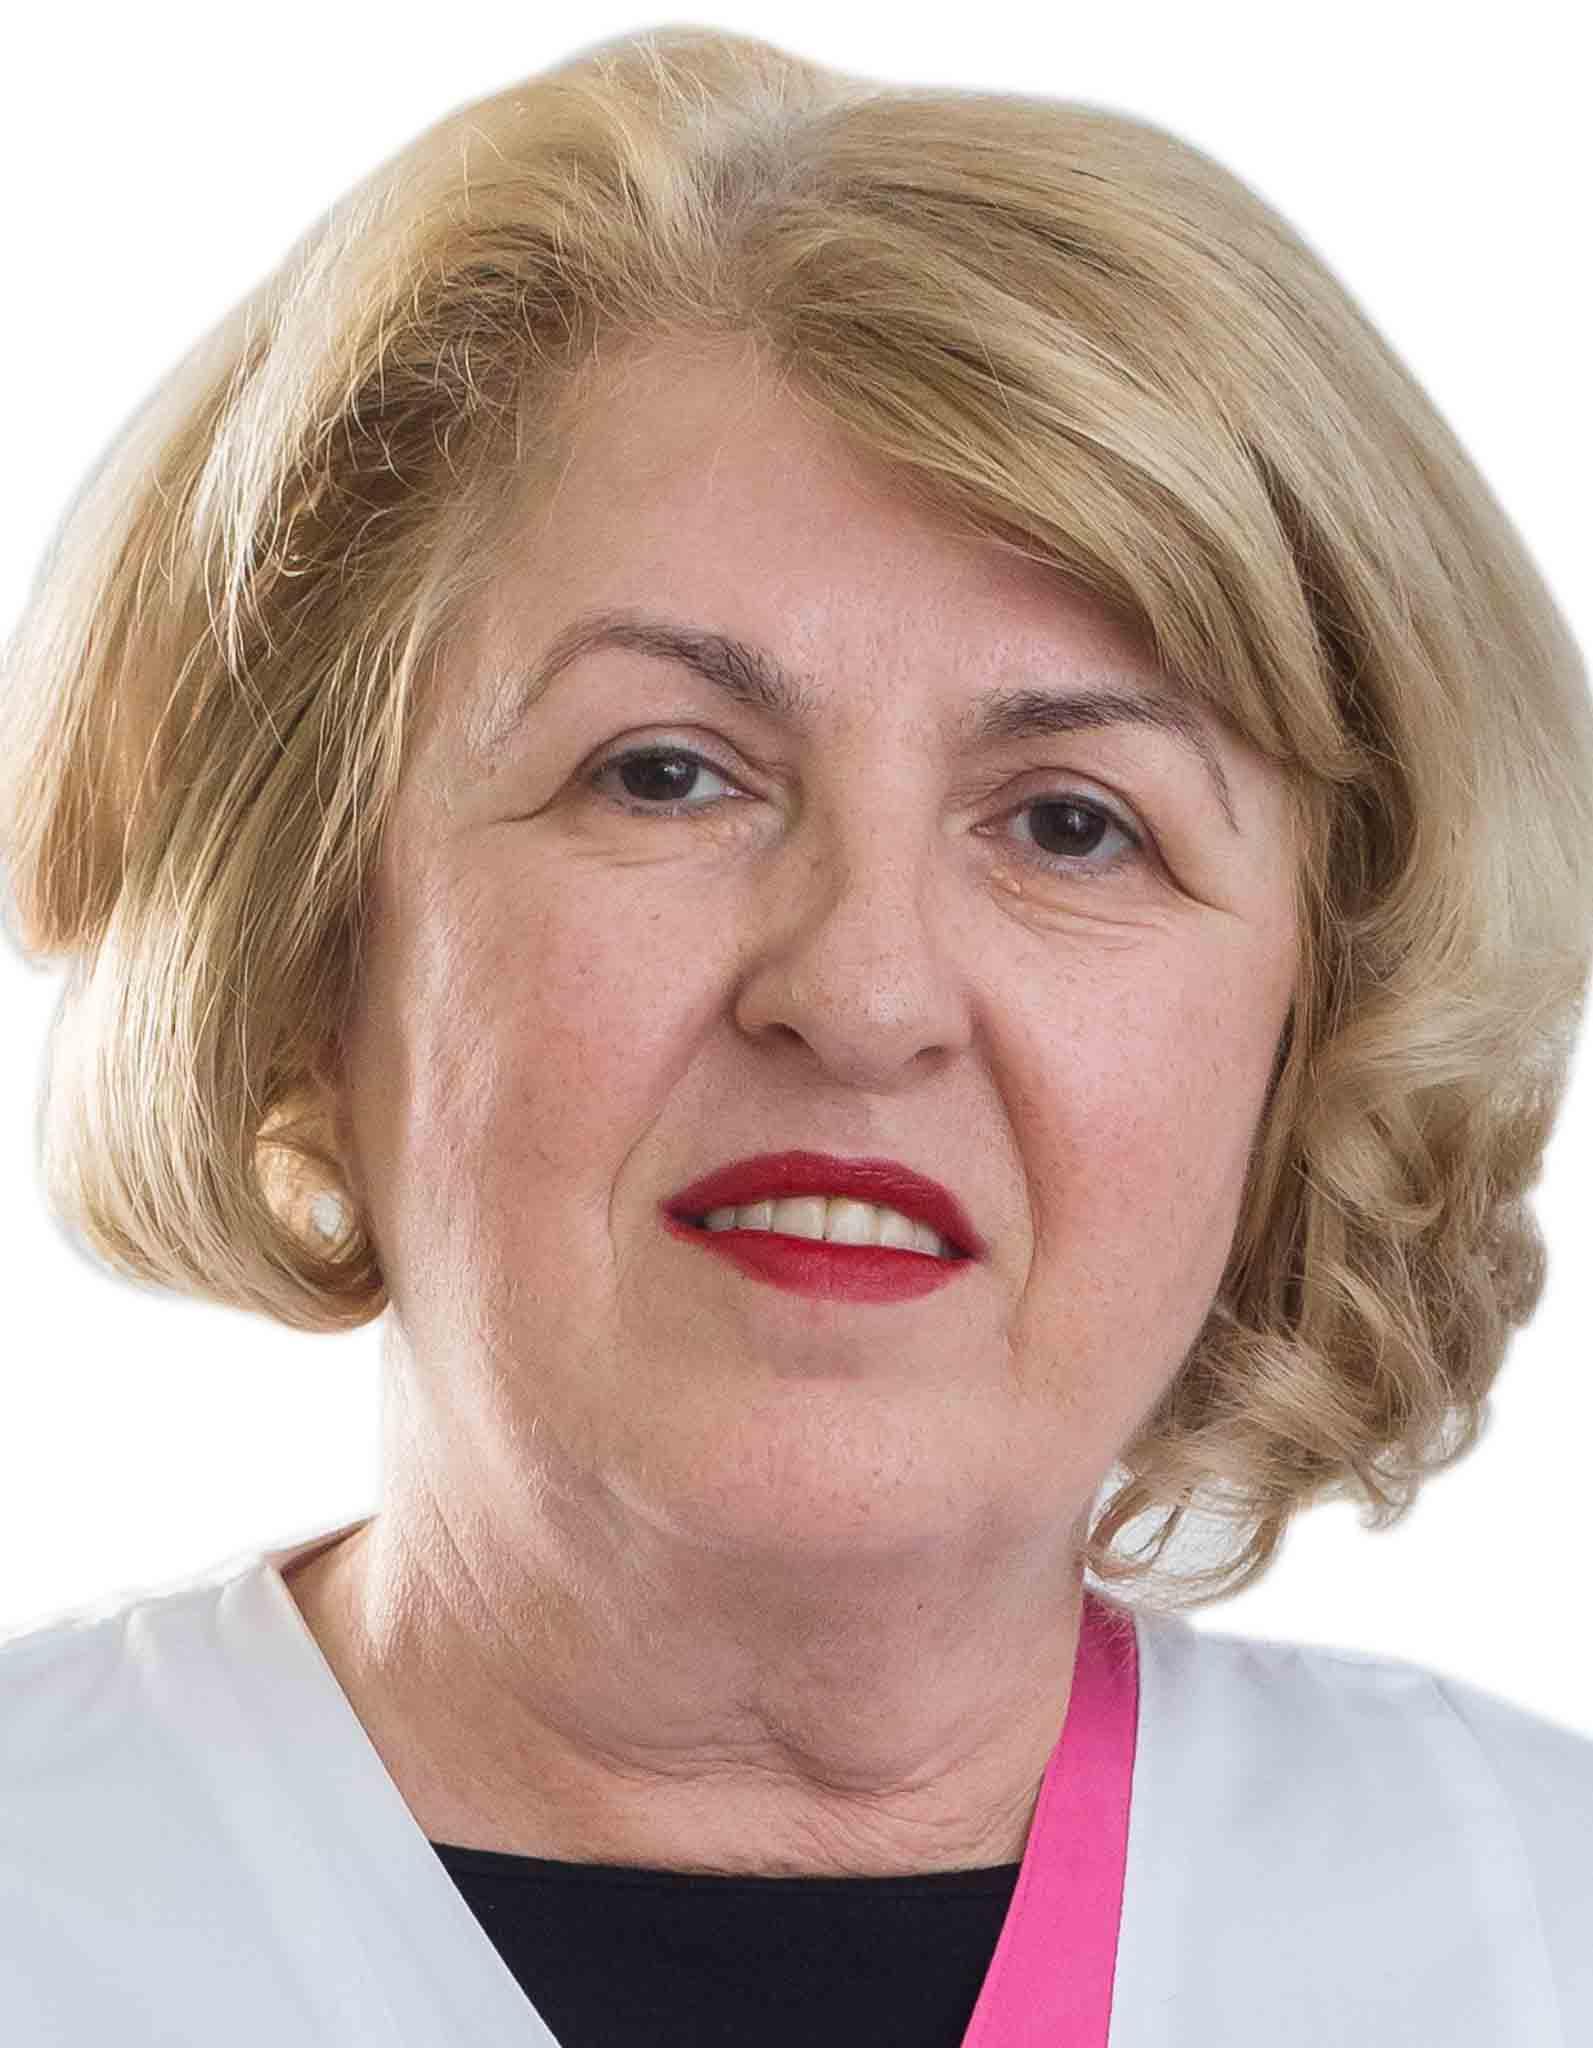 Dr. Mihaela Sebeni